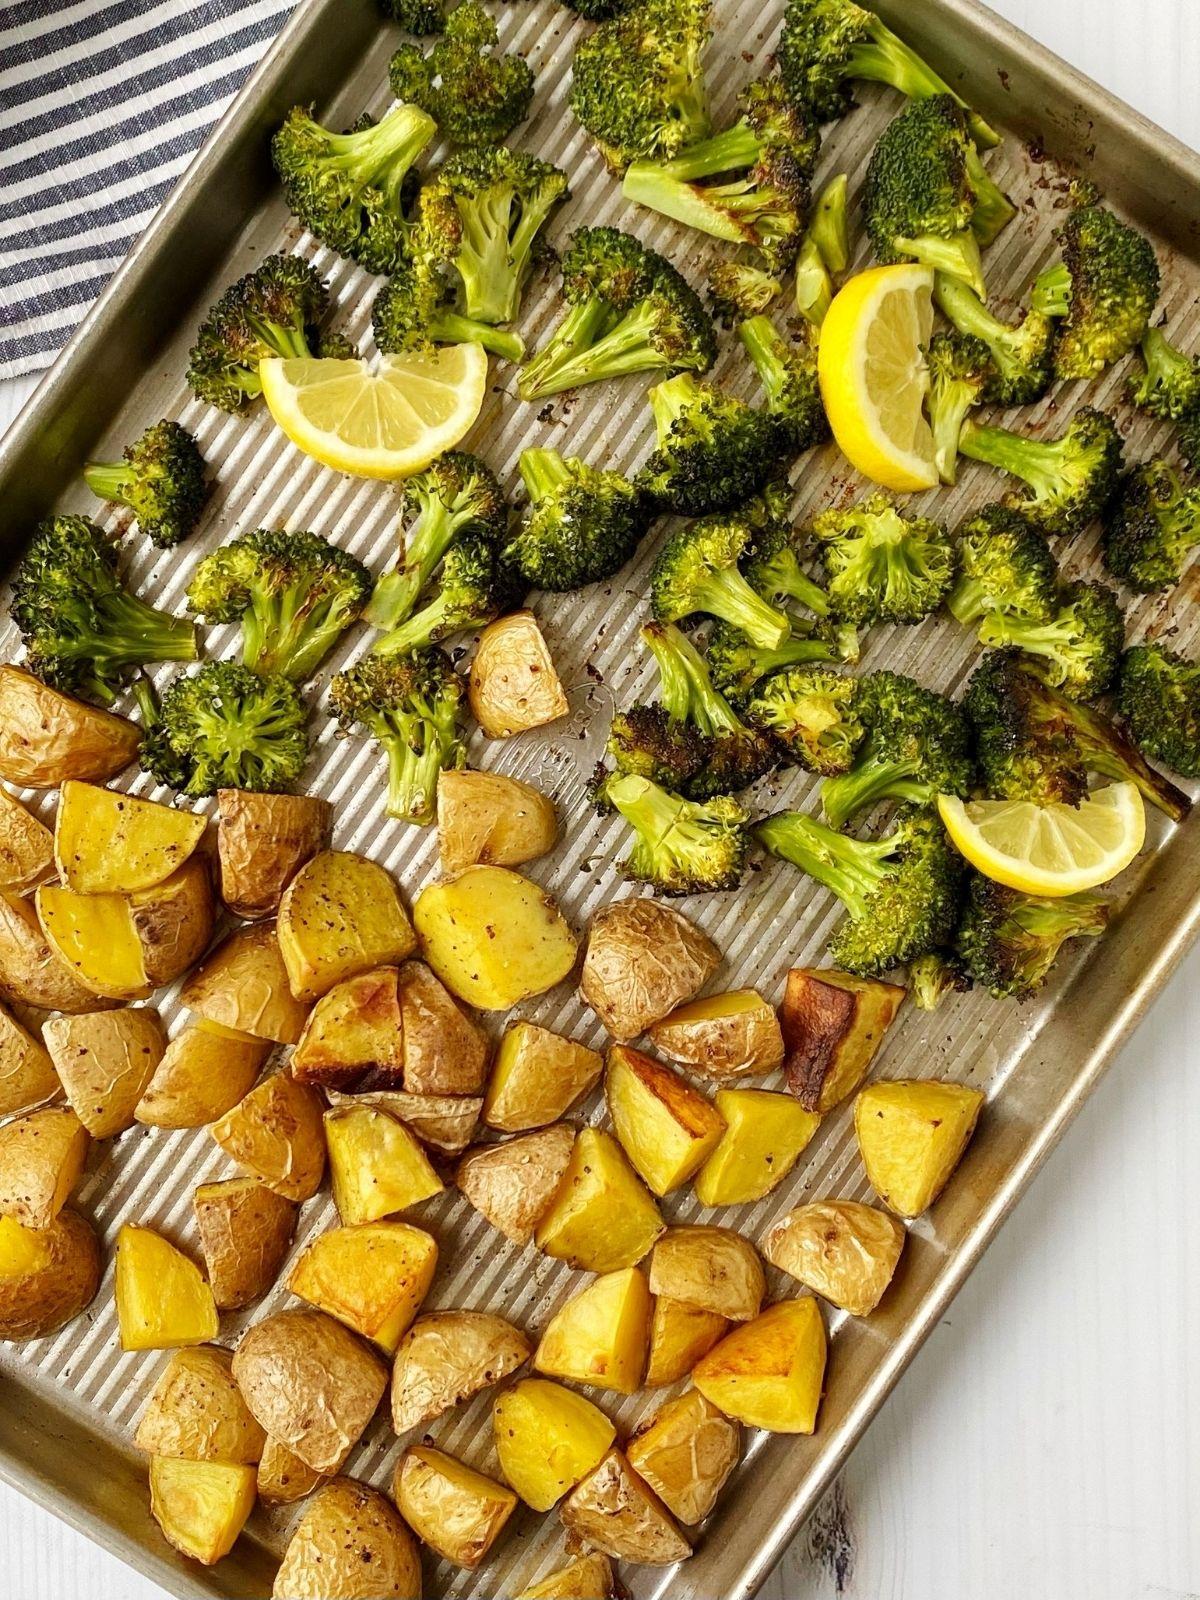 pan of roasted veggies with lemon wedges